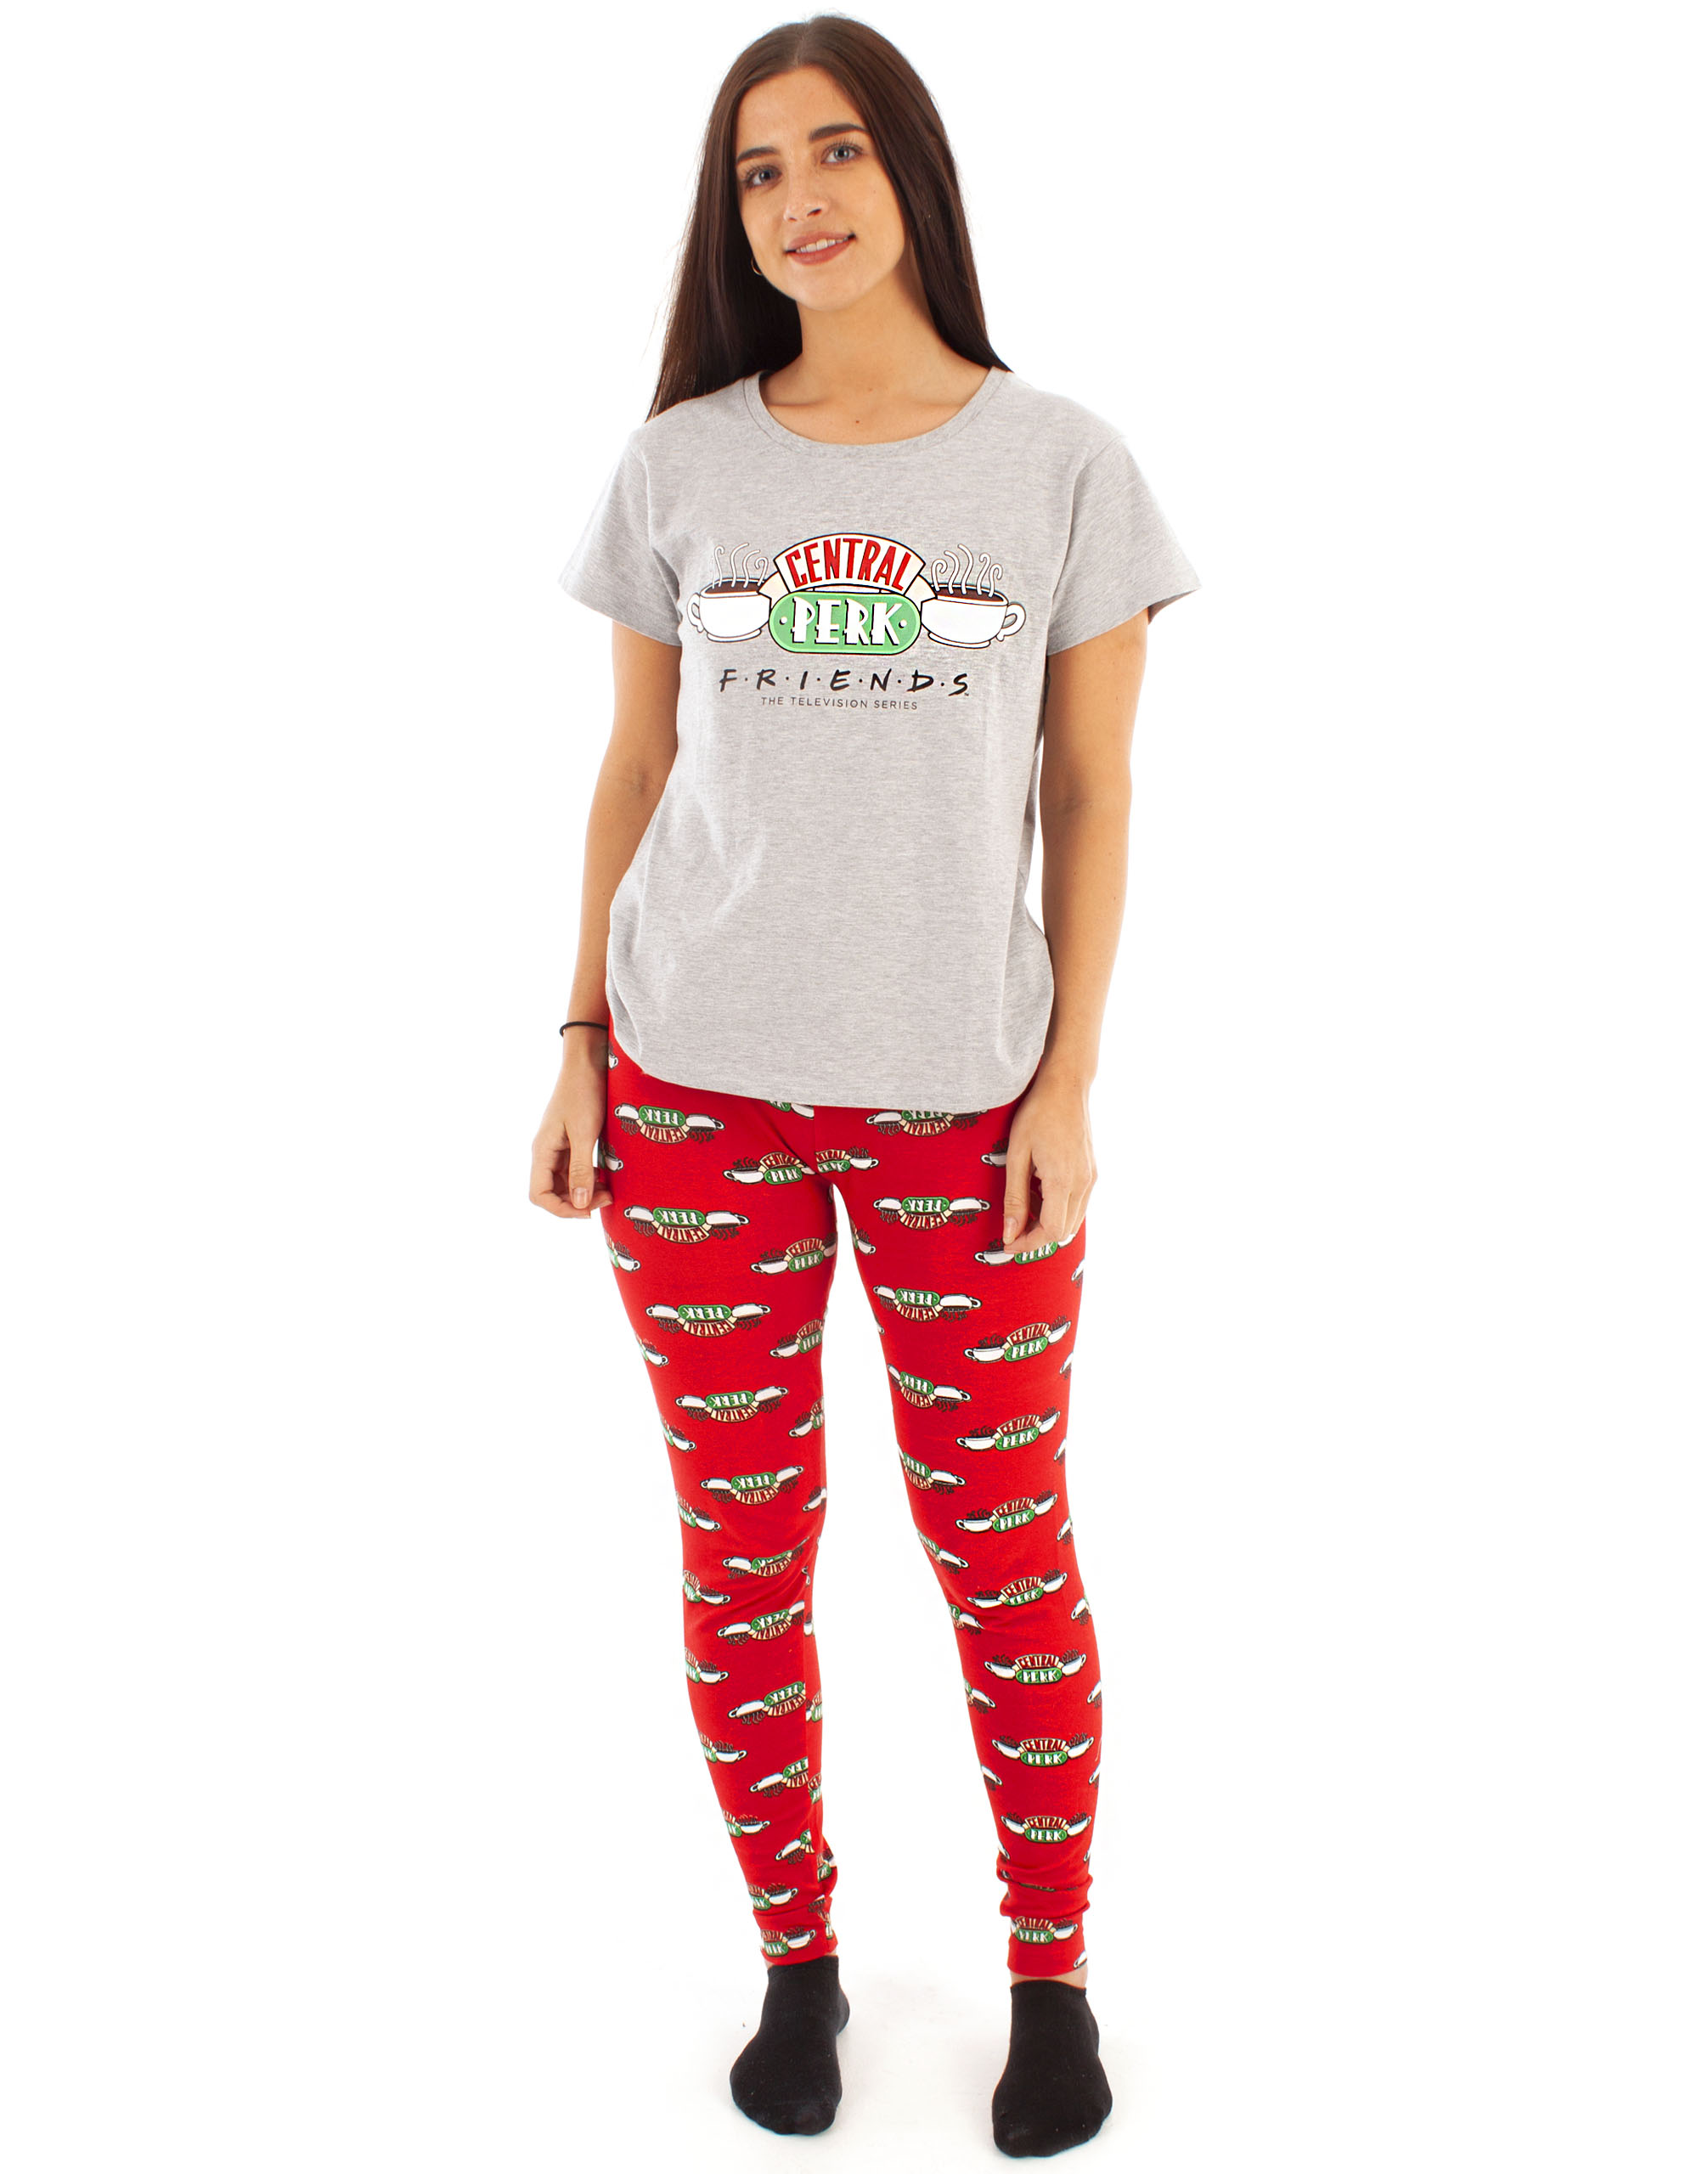 Femme Amis Pyjamas Femmes Central Perk à manches courtes T-shirt pantalon de détente